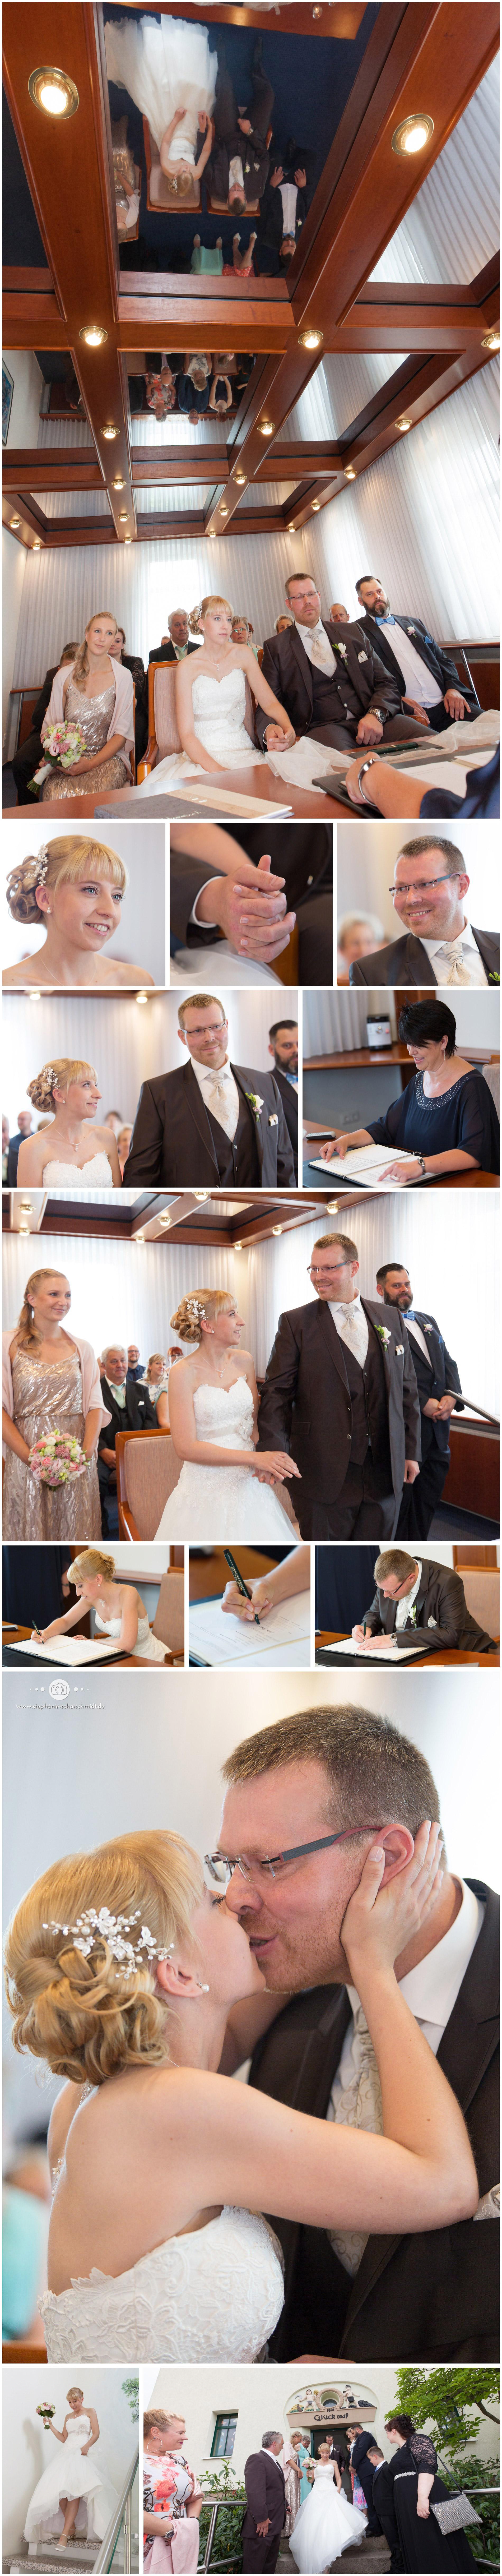 Hochzeit im Standesamt Reinsdorf im Erzgebirge – Hochzeitsfotograf Stephanie Scharschmidt